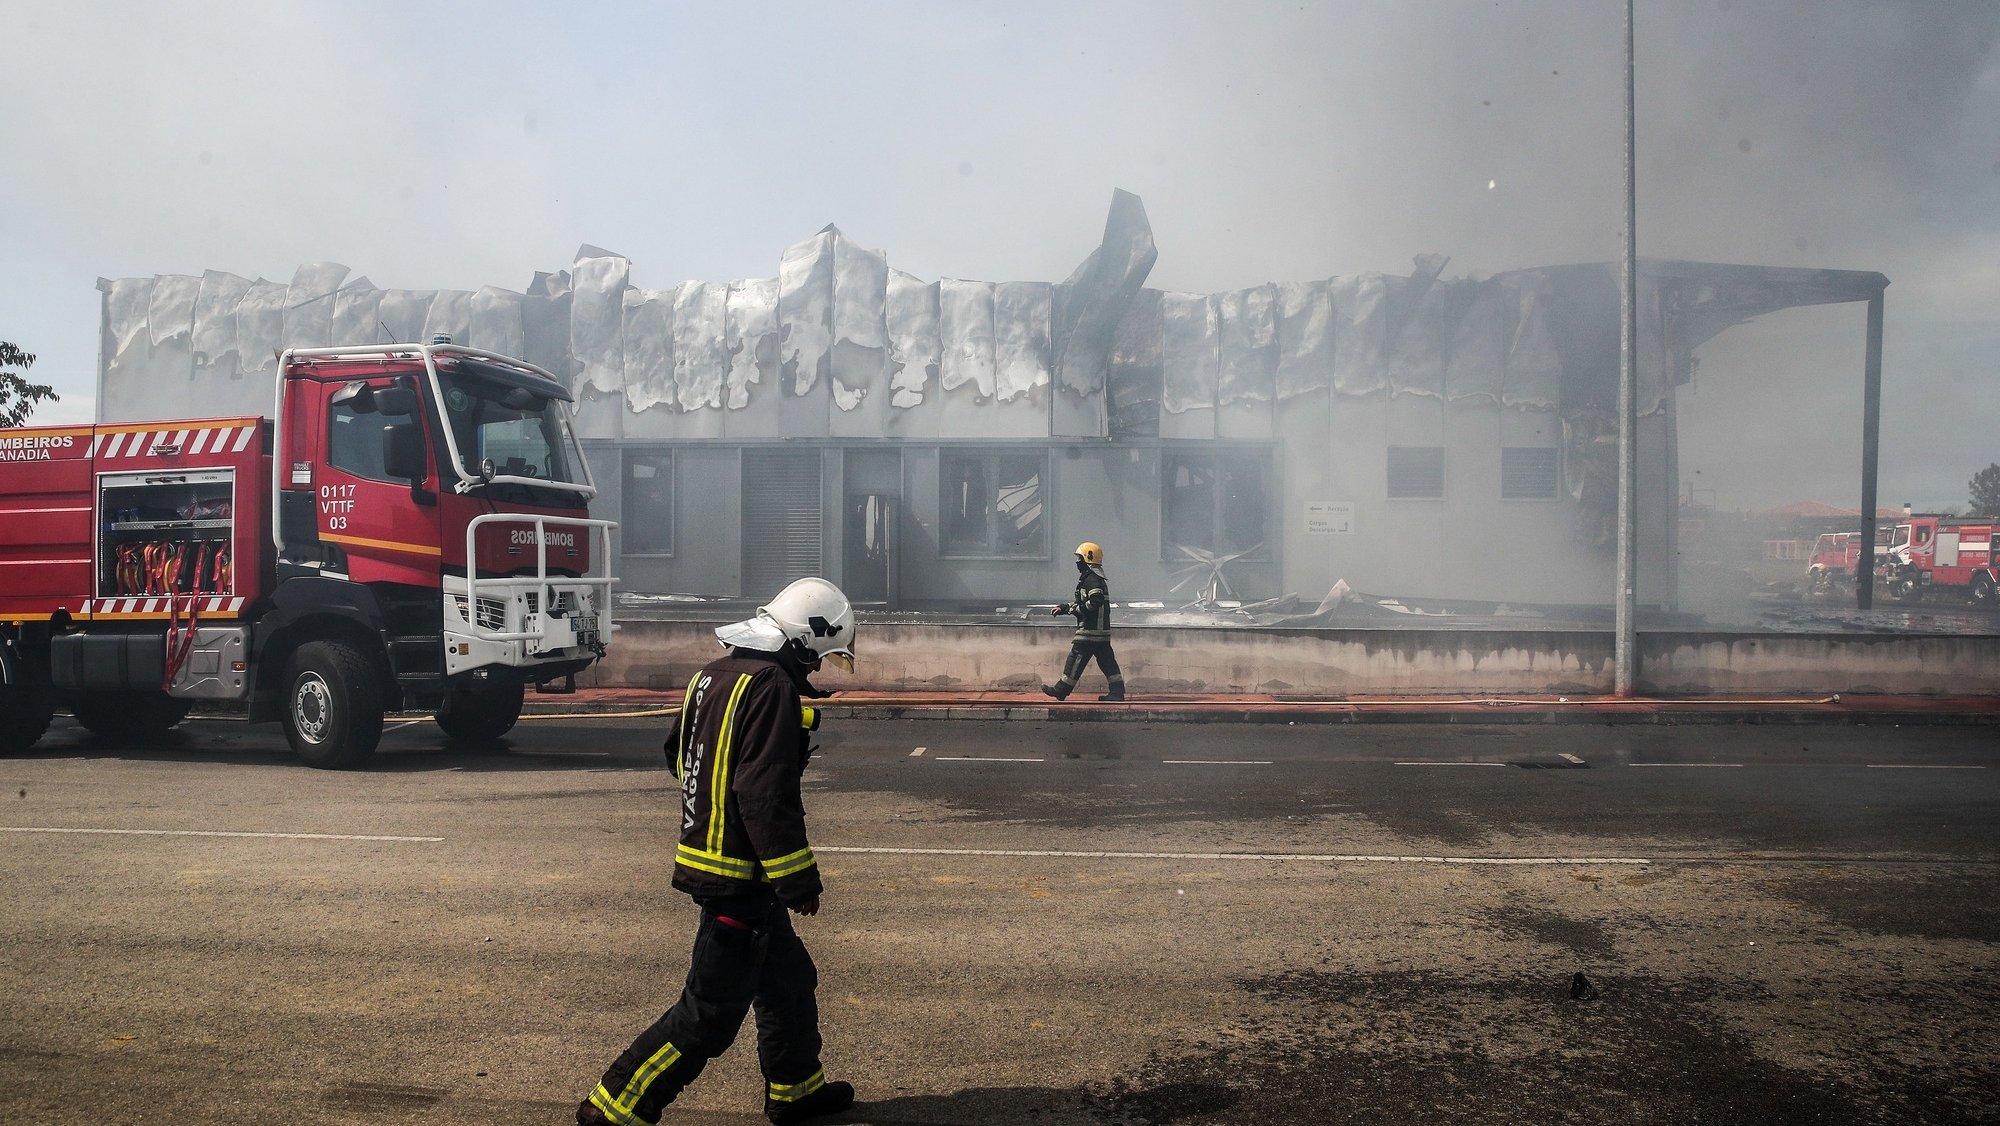 Bombeiros durante o combate ao incêndio que destruiu a empresa de embalagens e recipientes, Policarpo Ferreira da Silva, na zona industrial de Paraimo, em Sangalhos, Anadia, 31 de agosto de 2021. PAULO NOVAIS/LUSA